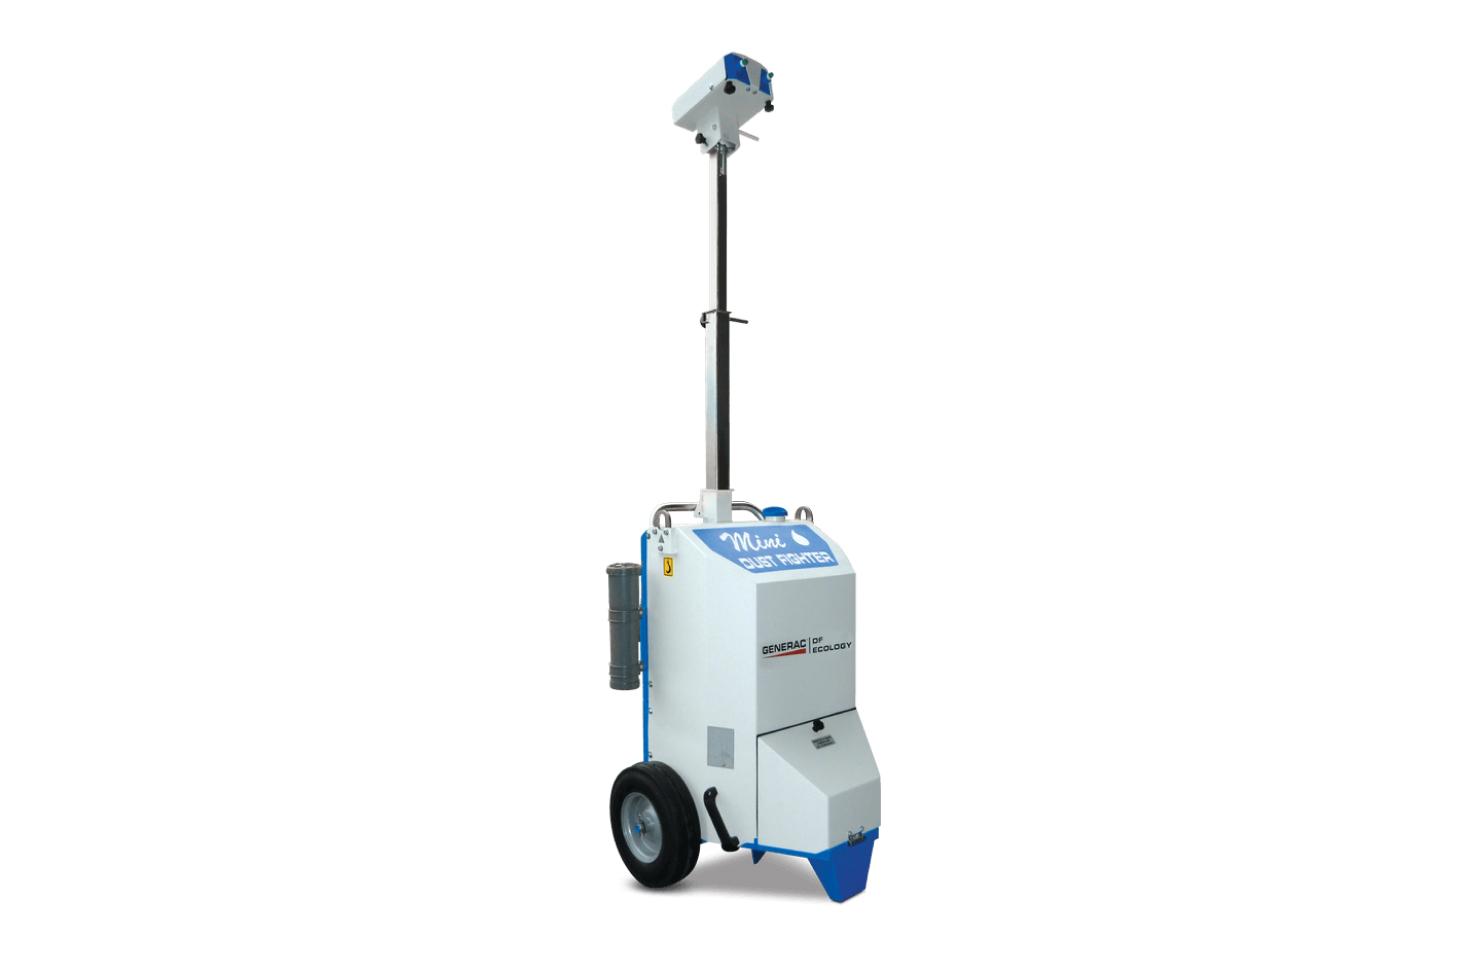 DF Mini Generac Mobile Портативная установка подавления пыли